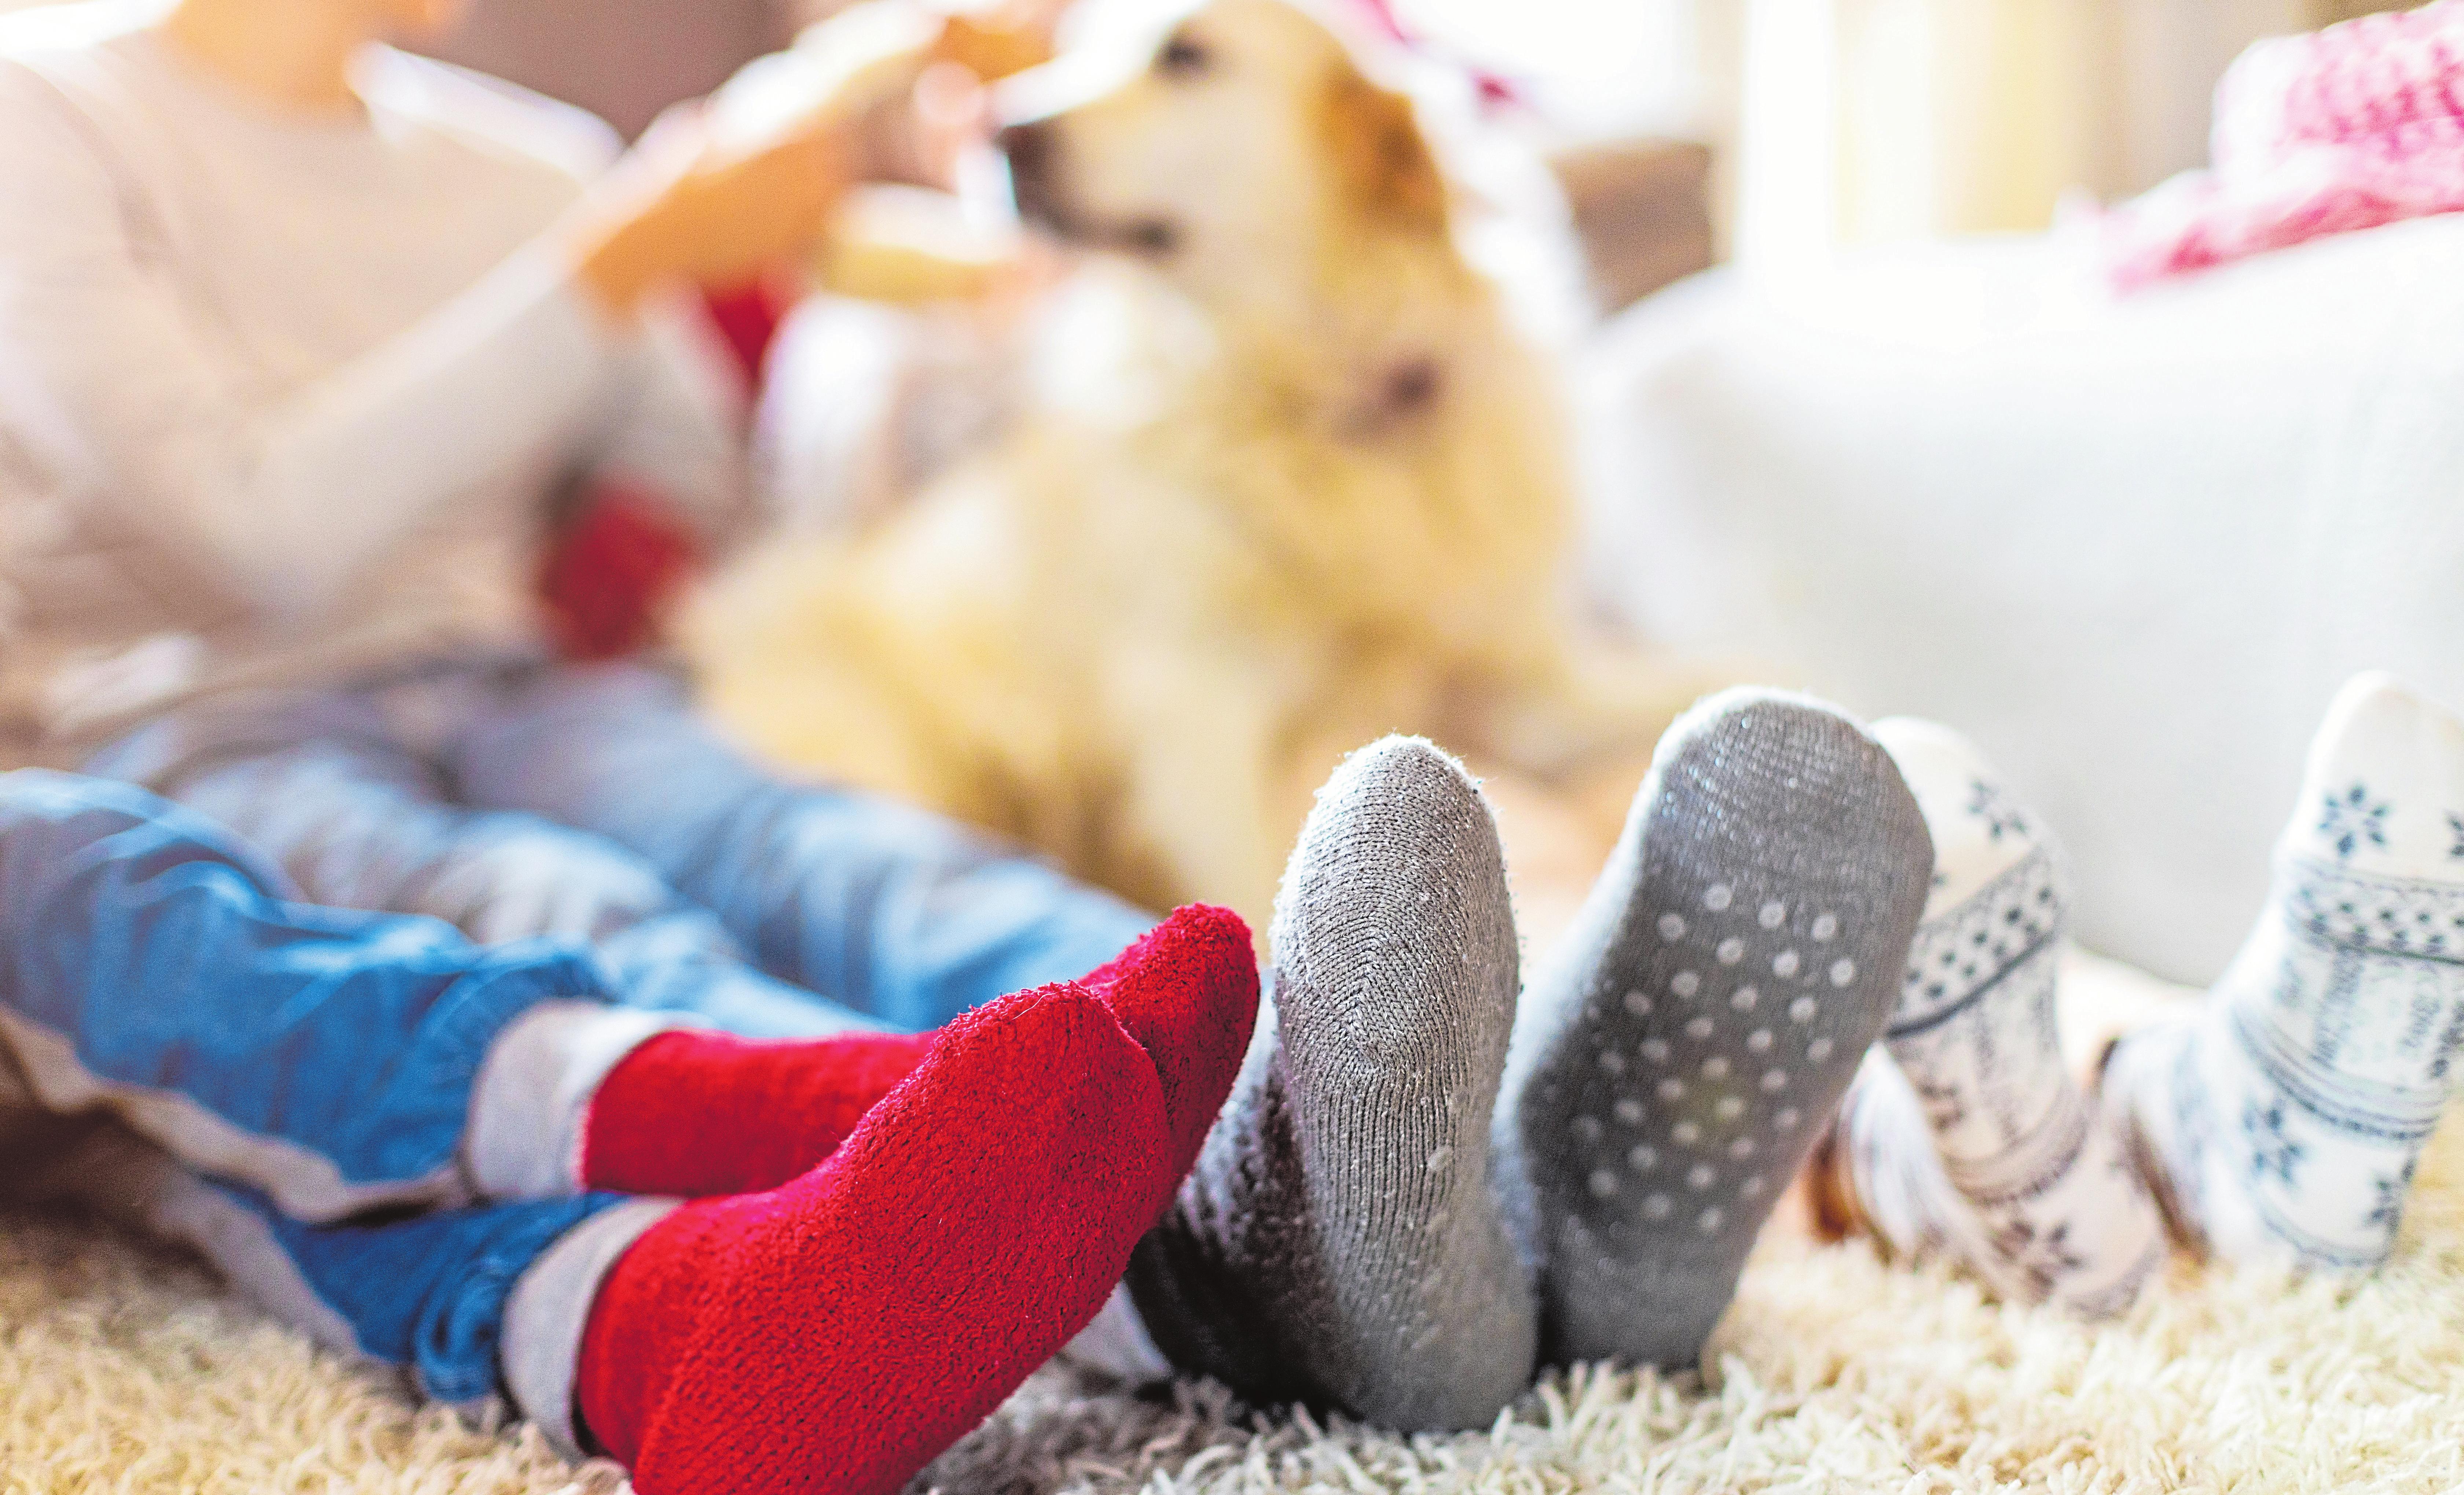 Fotos: Shutterstock